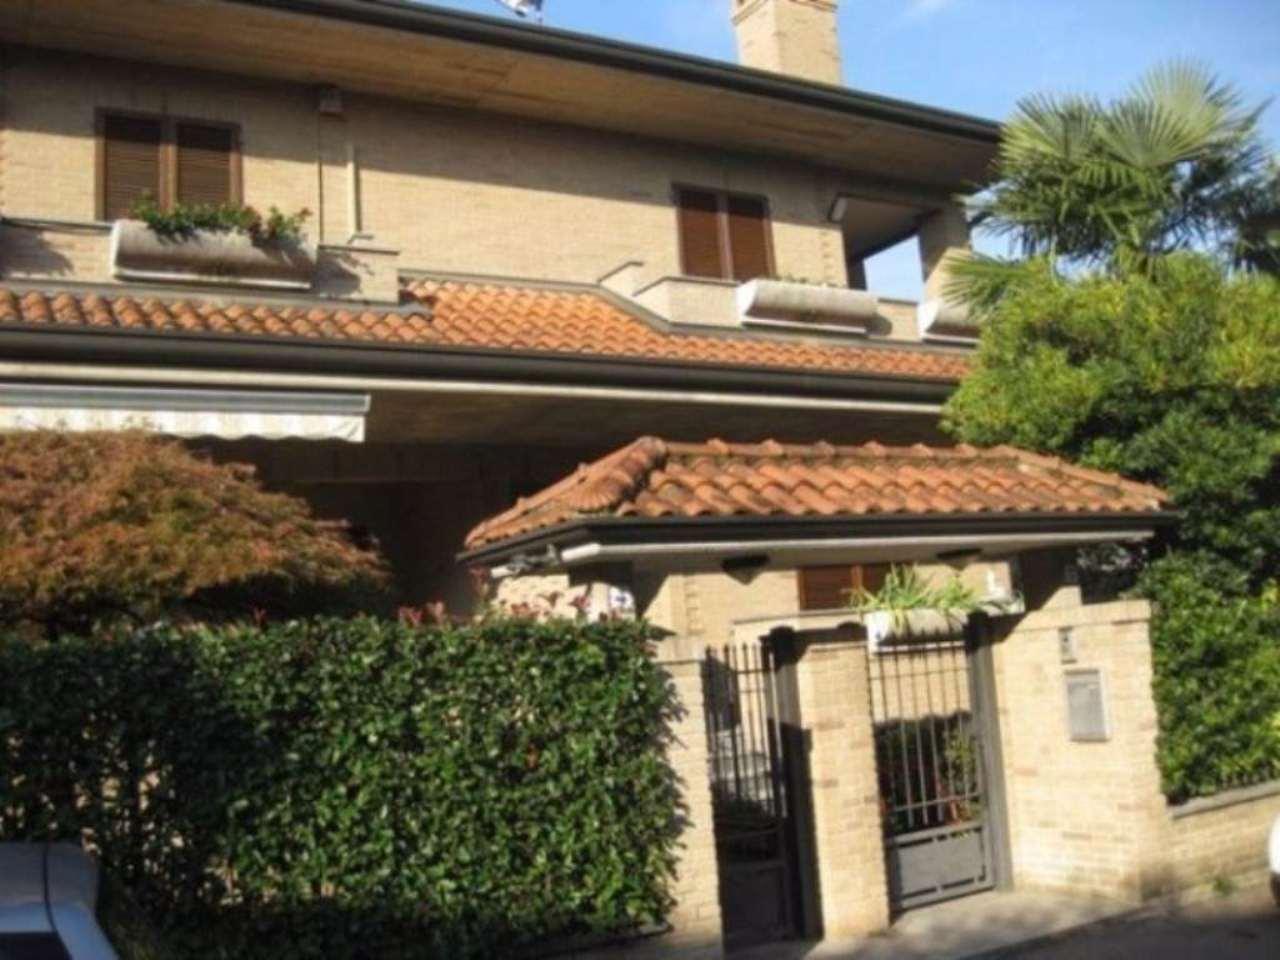 Villa in vendita a Paderno Dugnano, 5 locali, prezzo € 495.000 | CambioCasa.it